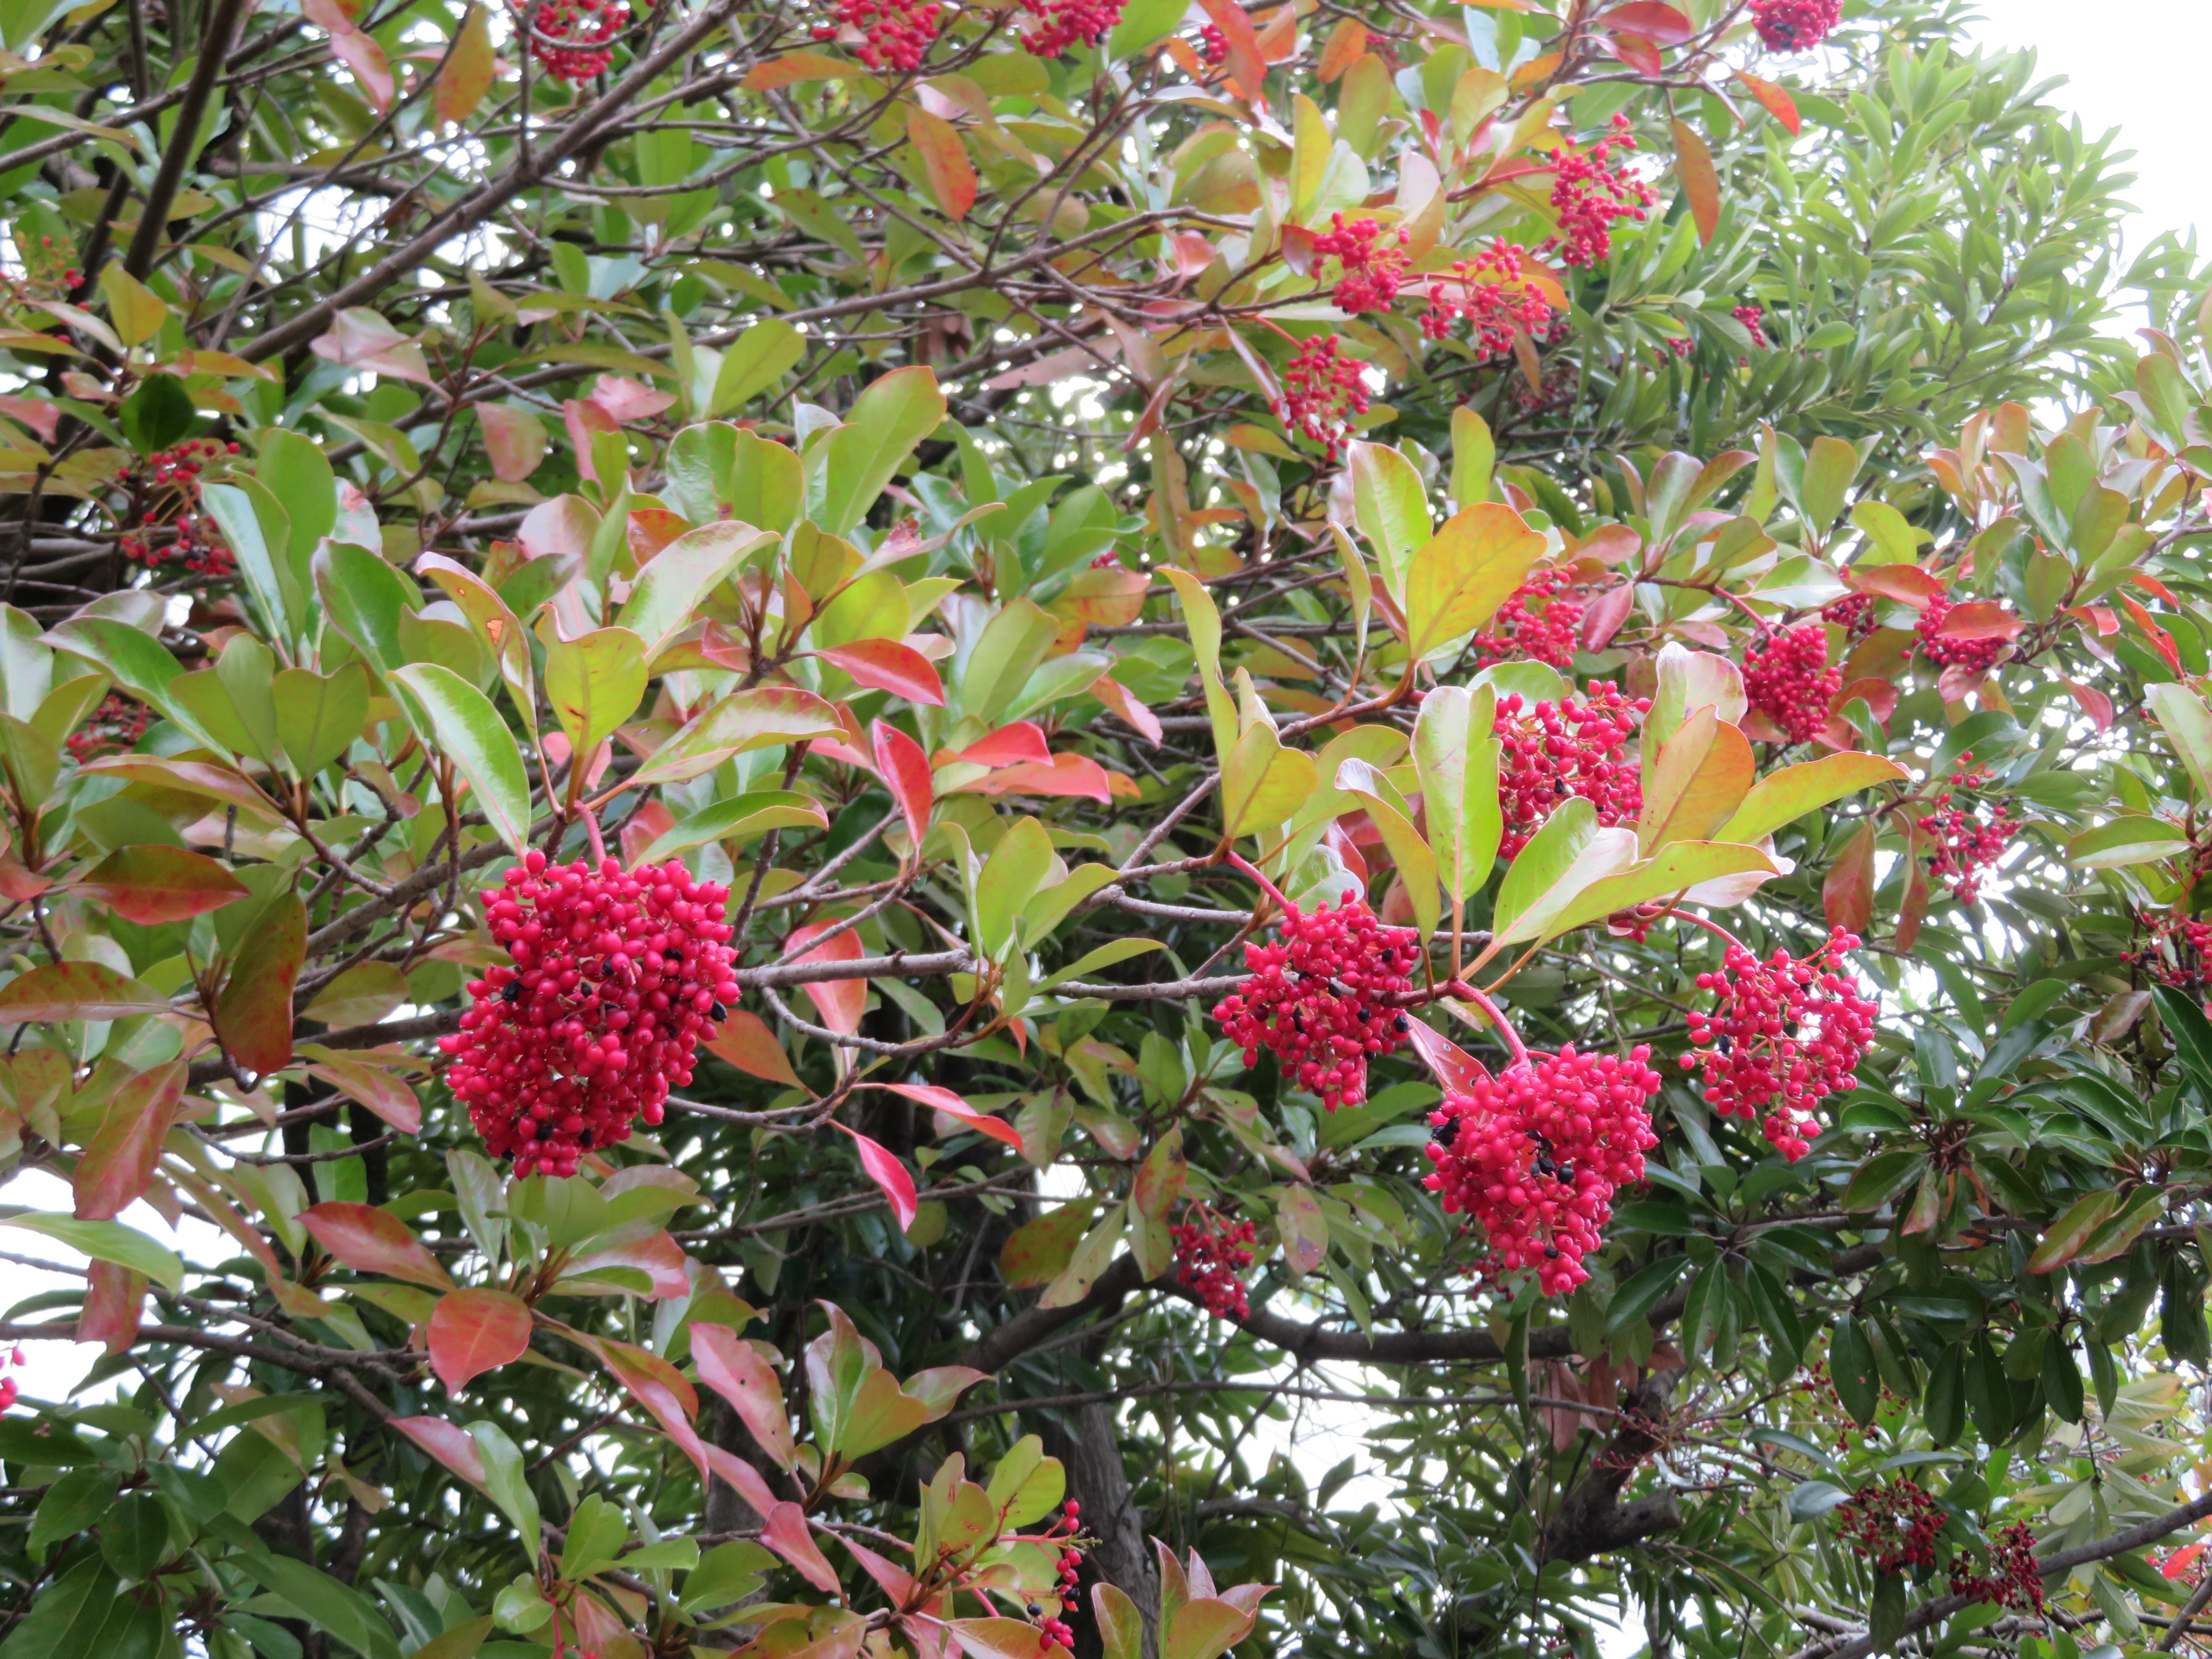 珊瑚樹(サンゴジュ)とは?特徴や育て方をご紹介!防火樹として用途は?